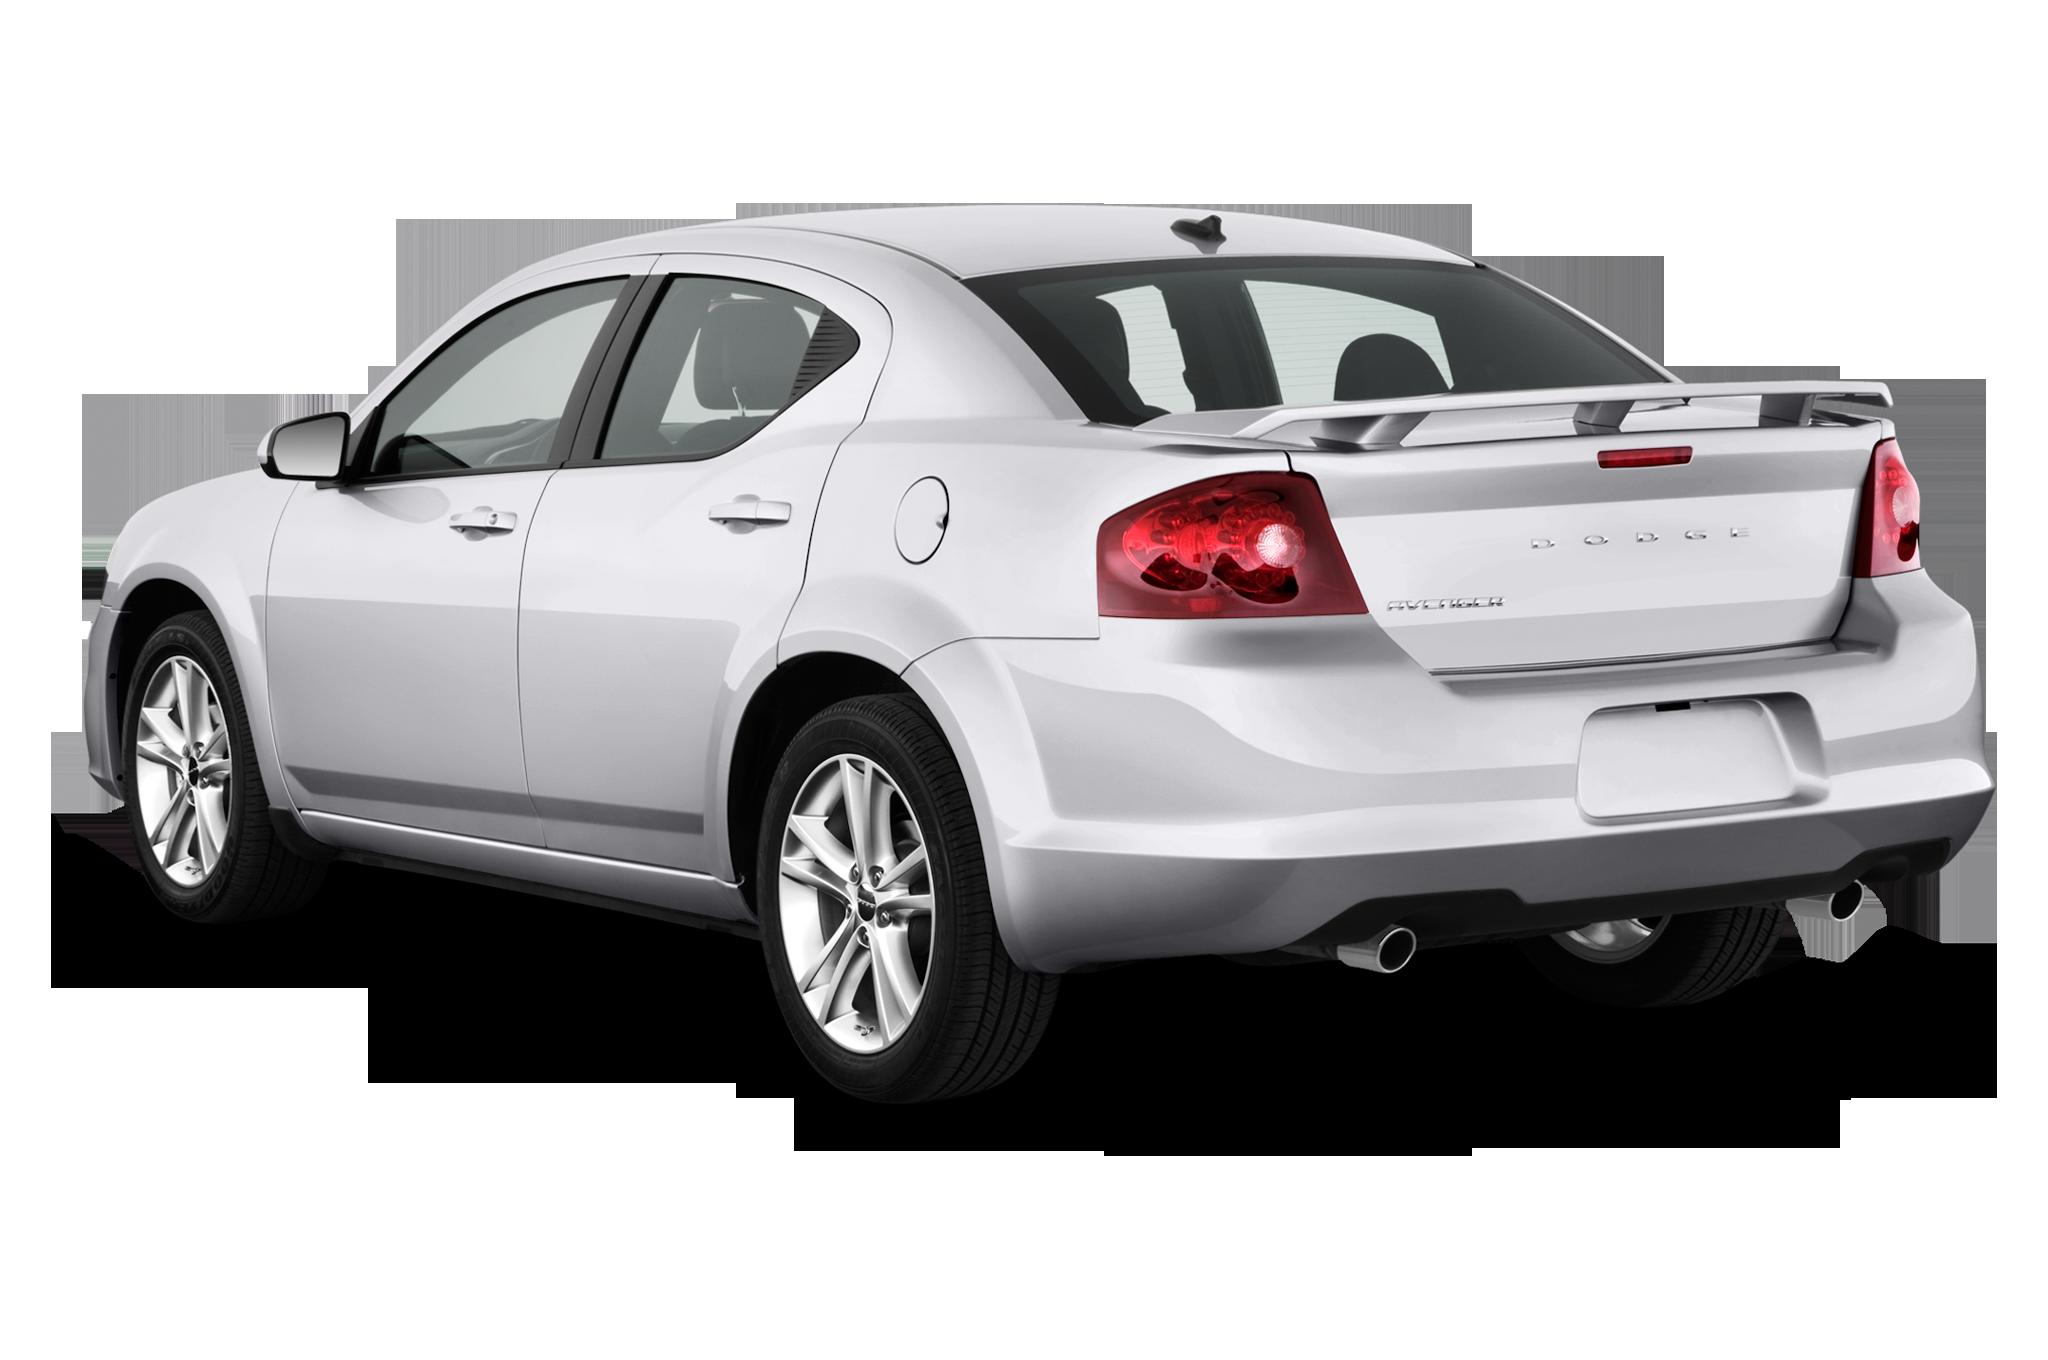 2013 Dodge Avenger Se >> 2012 Dodge Avenger SE Gets Pentastar V-6 Option